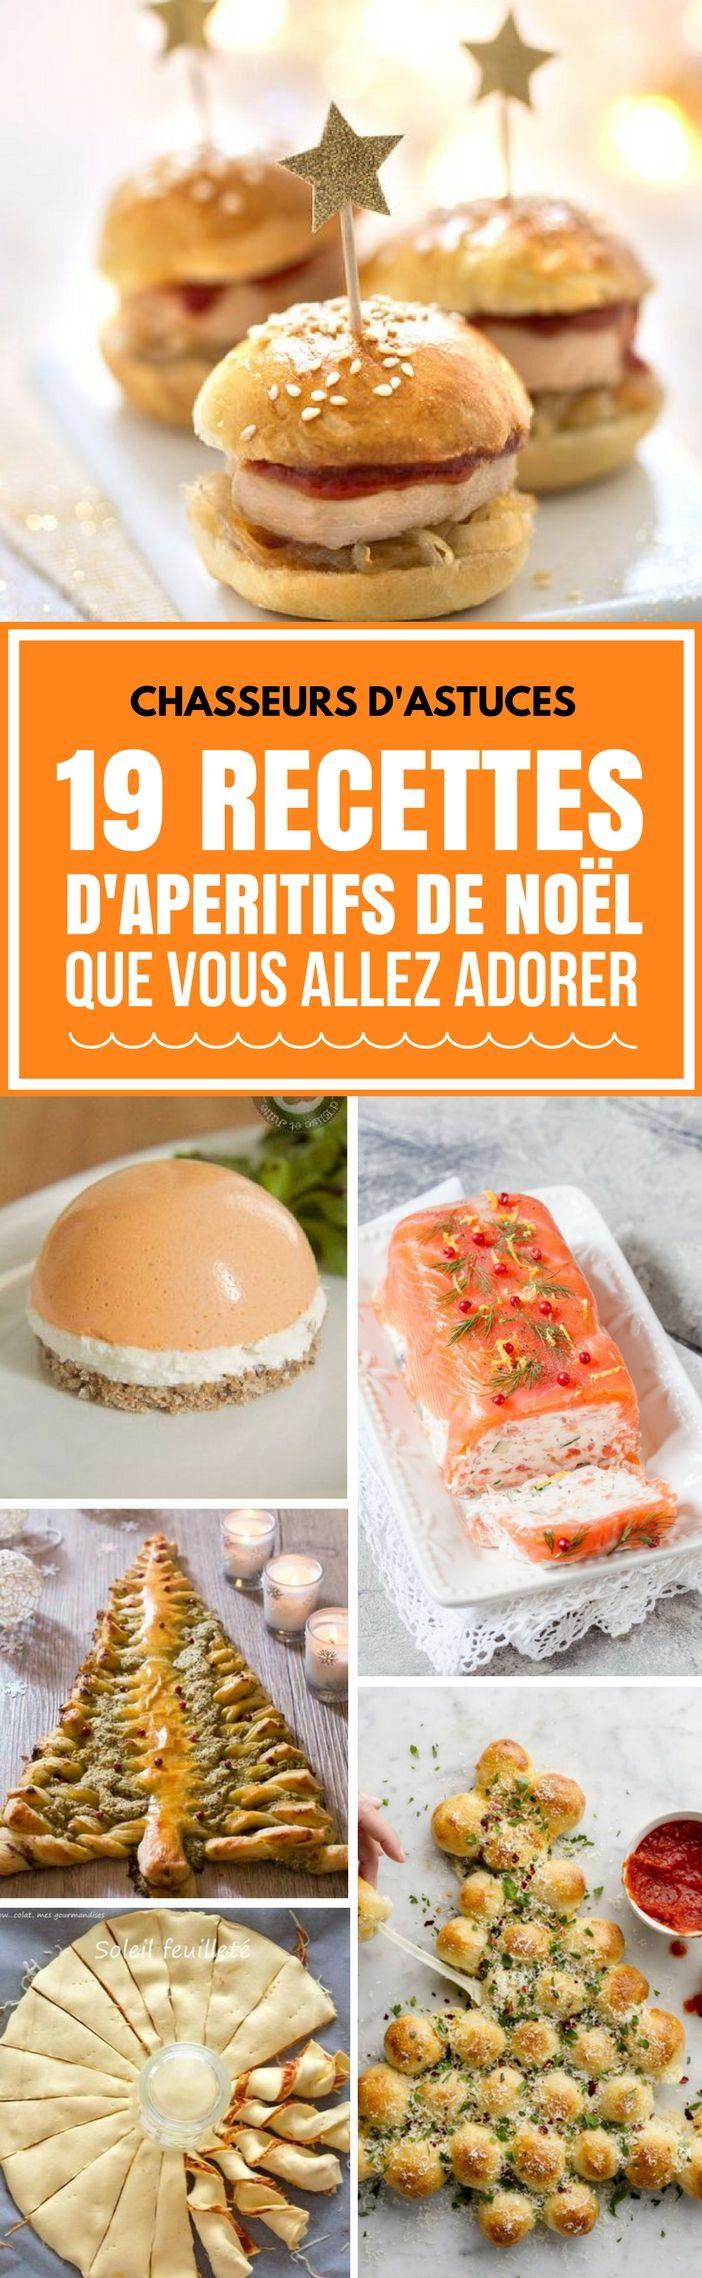 19 RECETTES D'APÉRITIFS DE NOËL QUE VOUS ALLEZ ADORER. #noël #chasseursdastuces #apéritifs #apréritifsdenoel #recettes